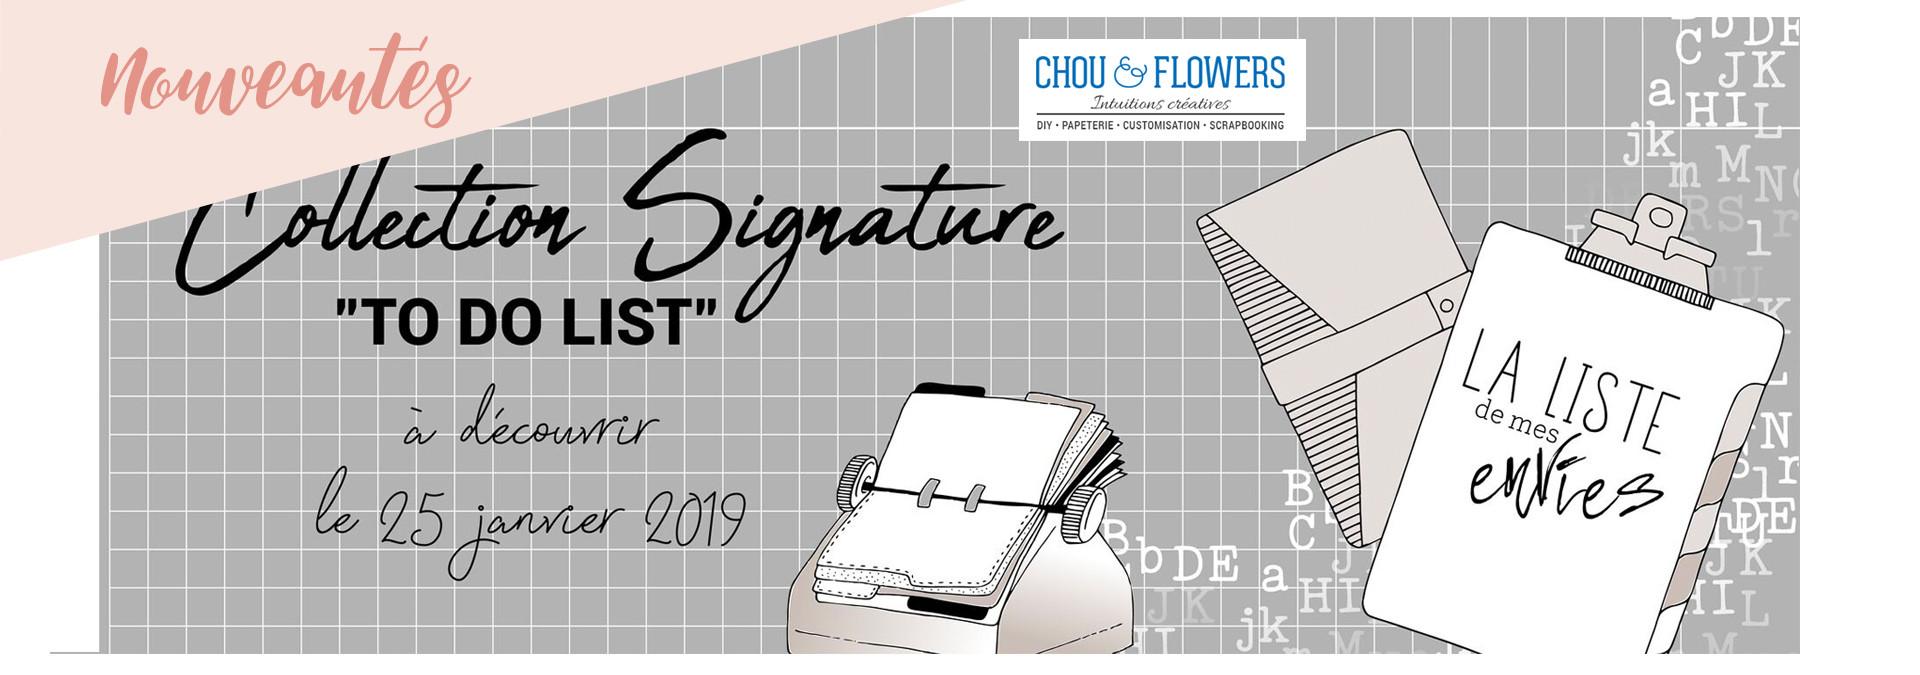 Nouveautés collection Chou & Flowers